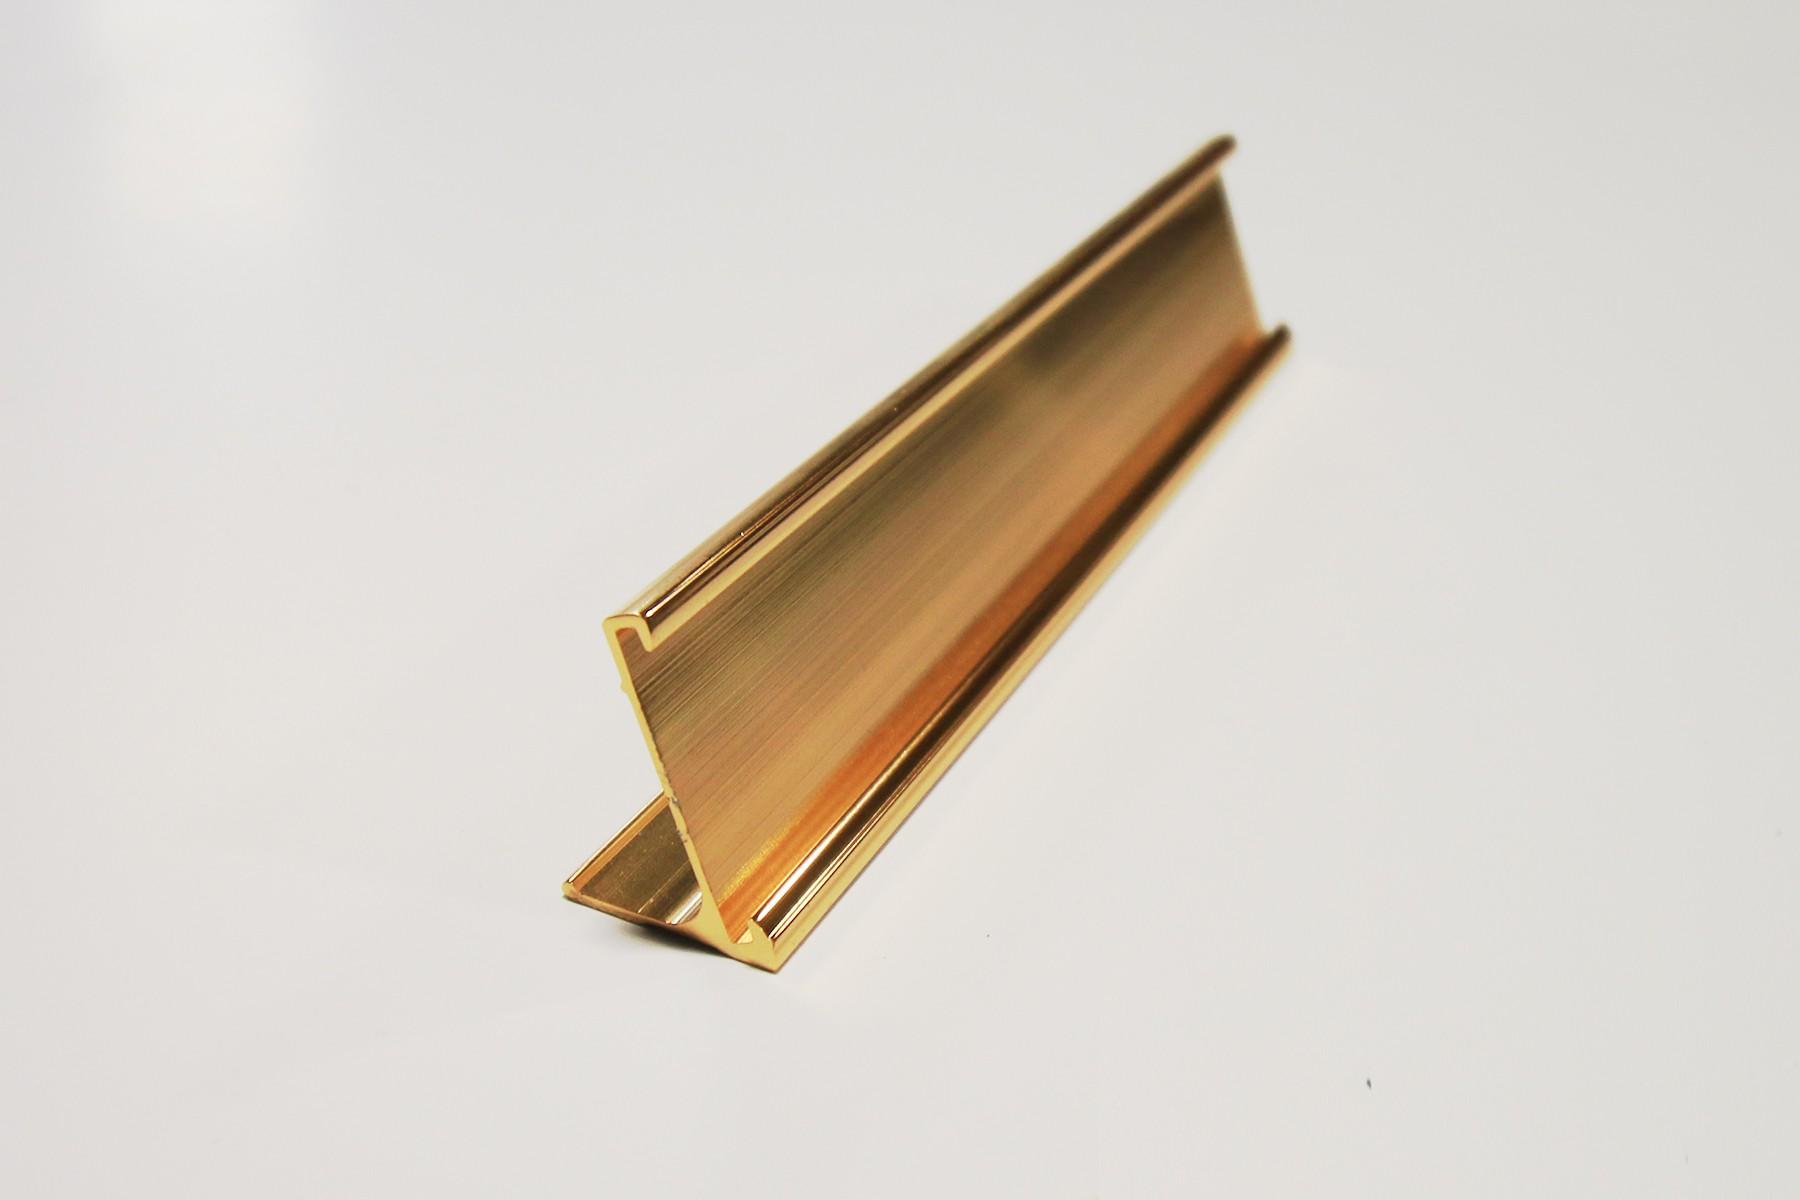 1 x 10 Desk Holder, Gold